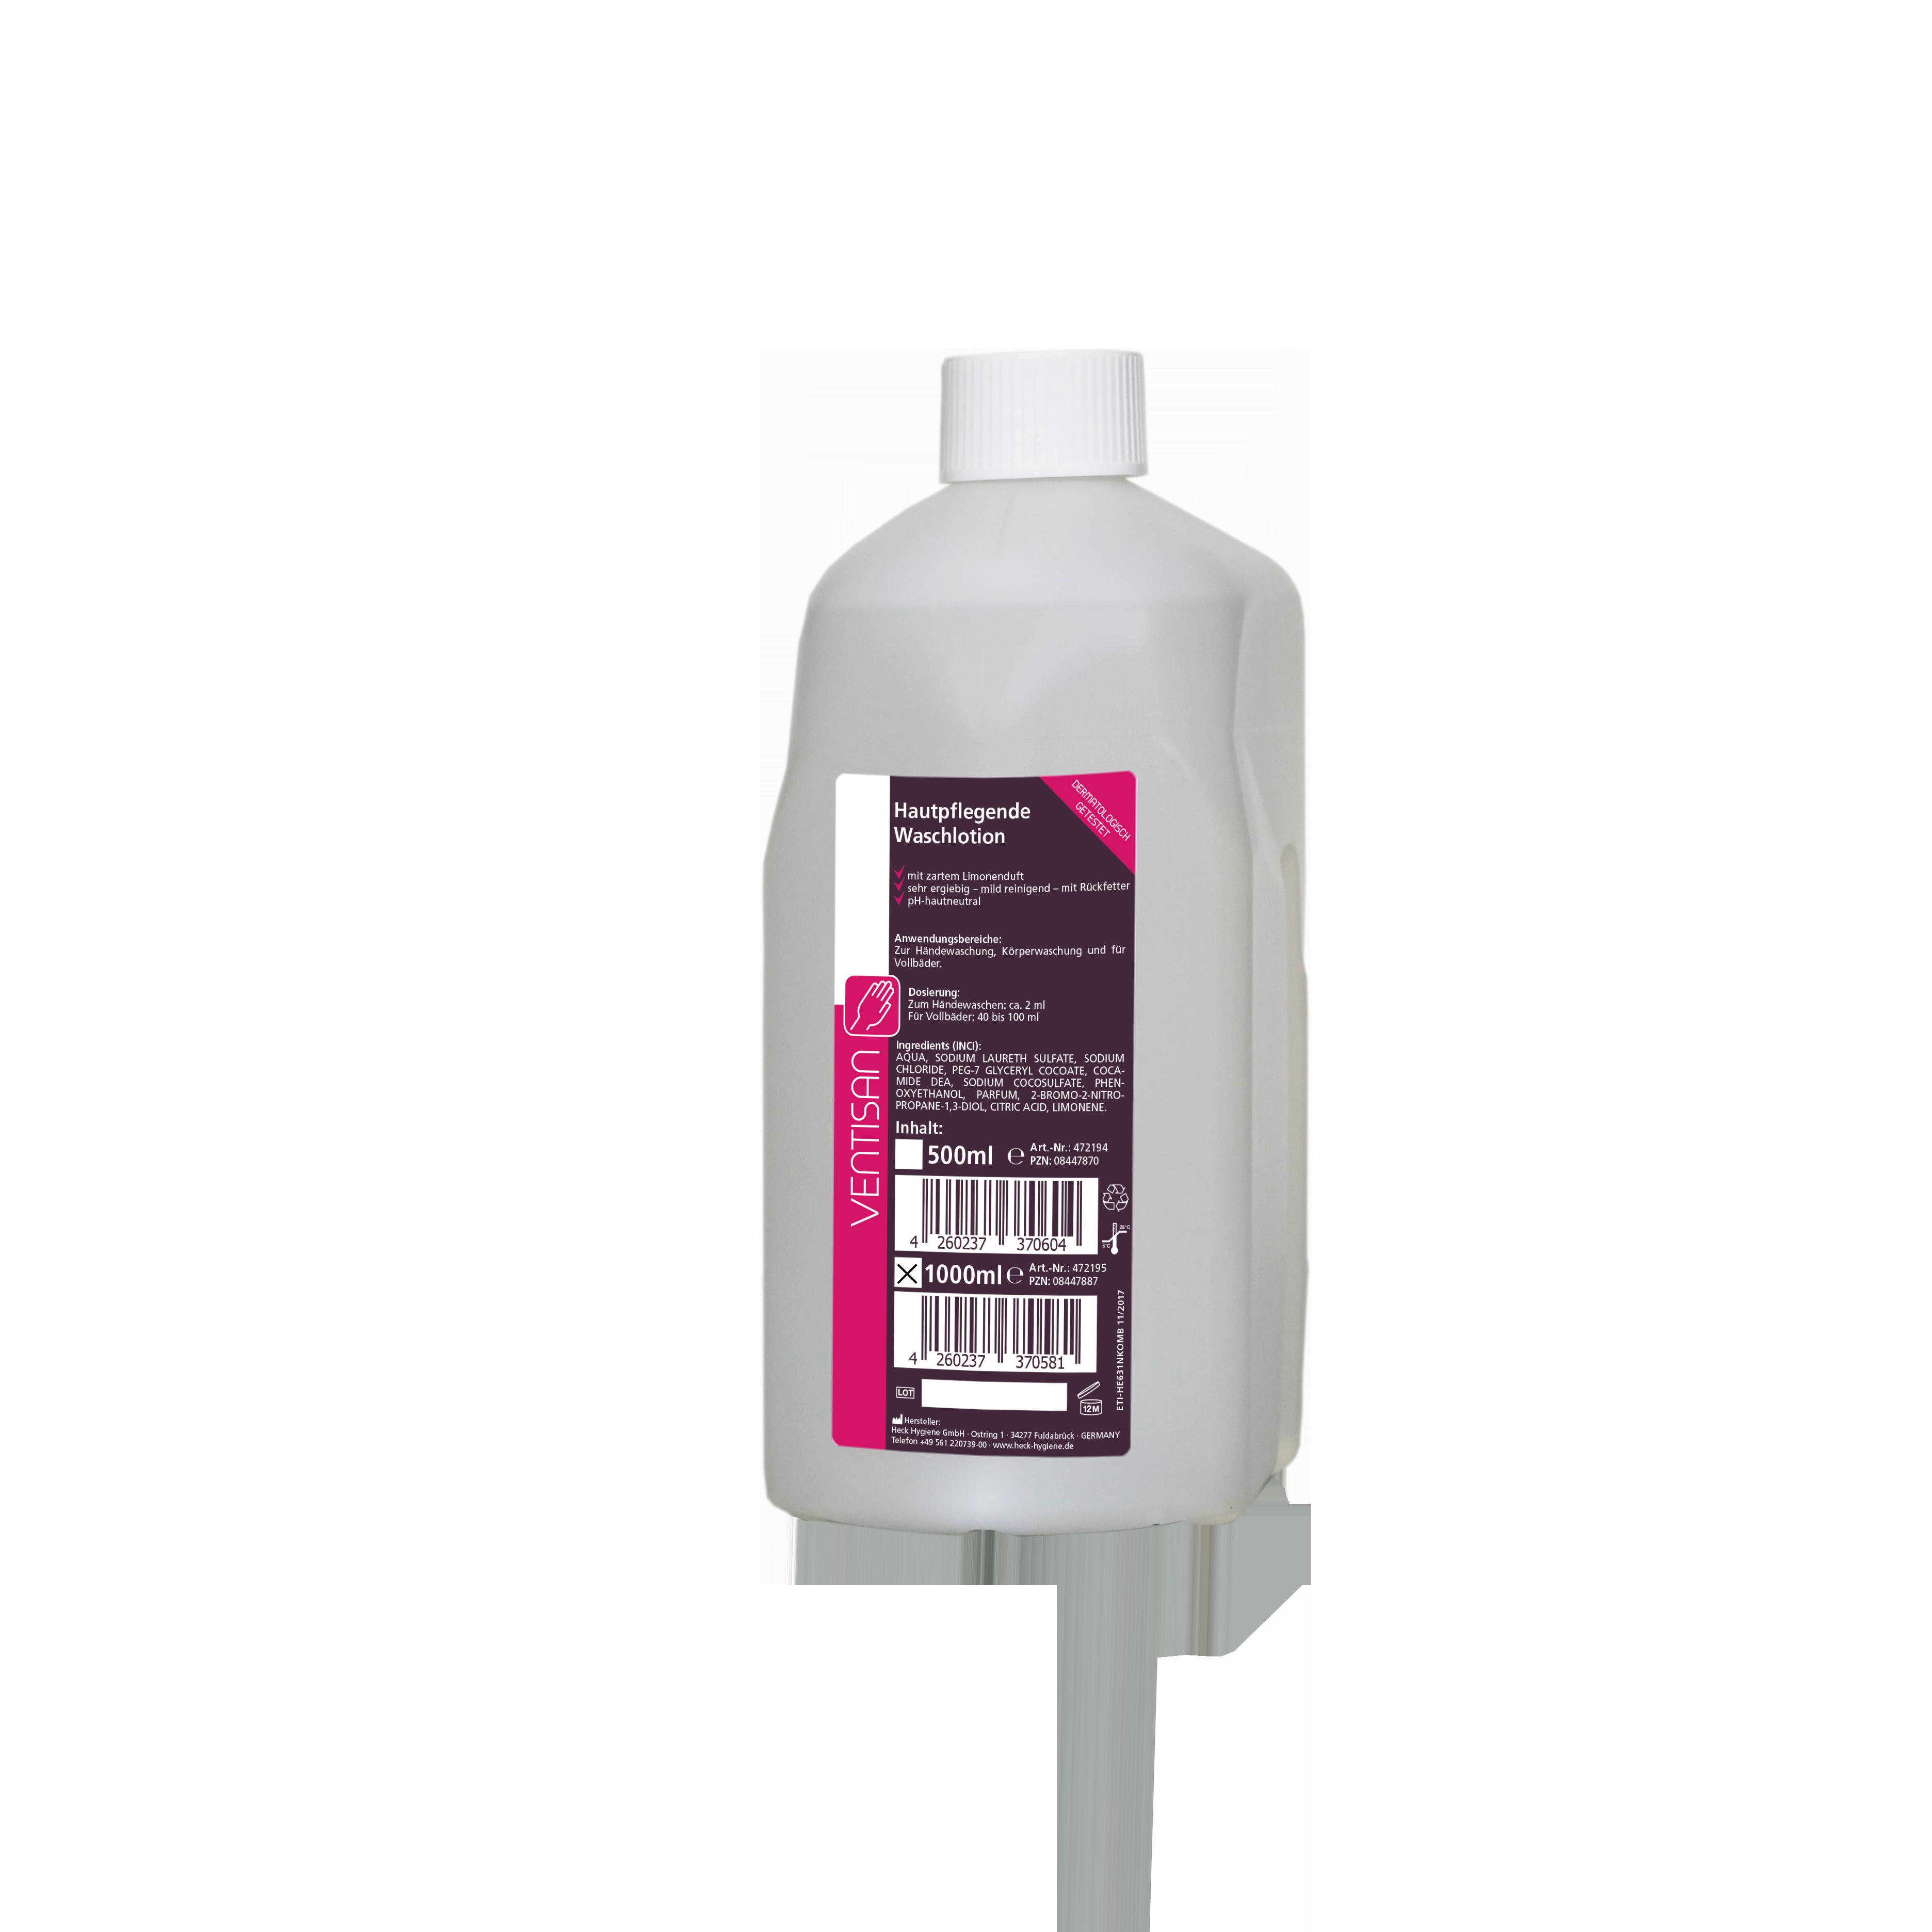 Ventisan Waschlotion, 1 Spenderflasche, 1 Liter